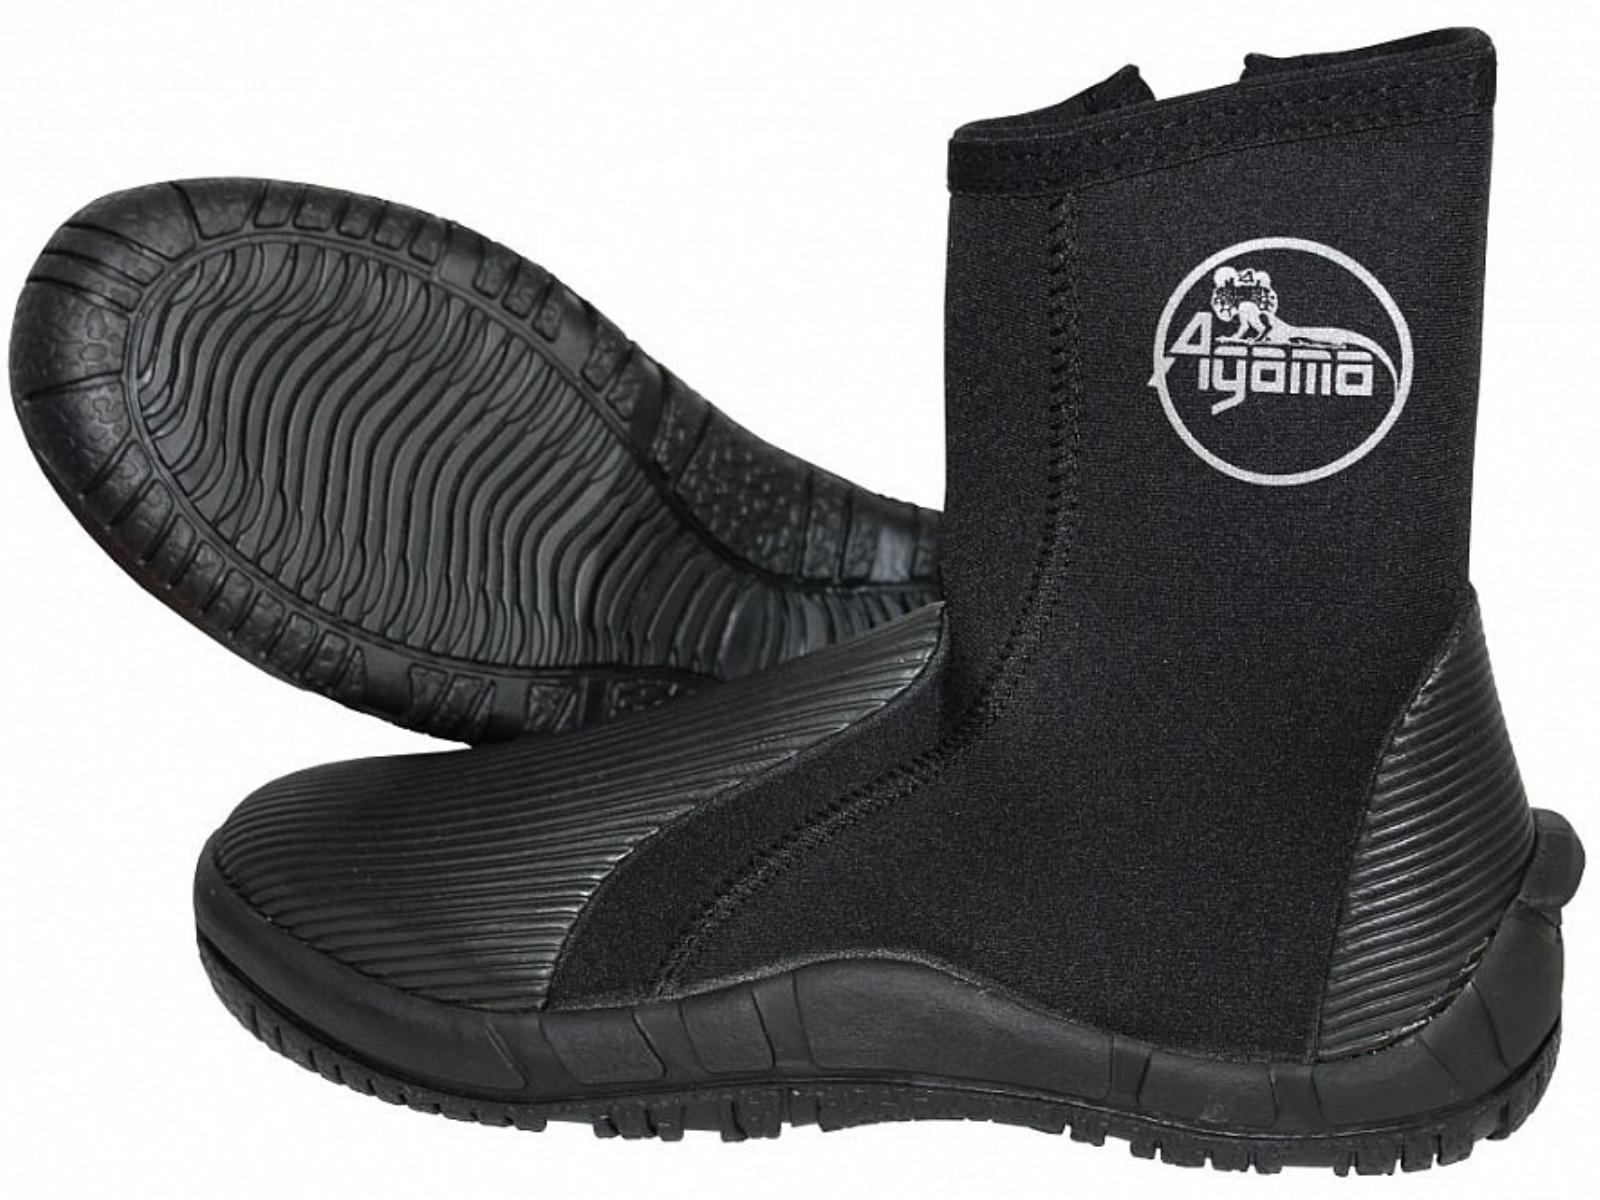 Neoprenové boty AGAMA Warcraft 5 mm - vel. 36